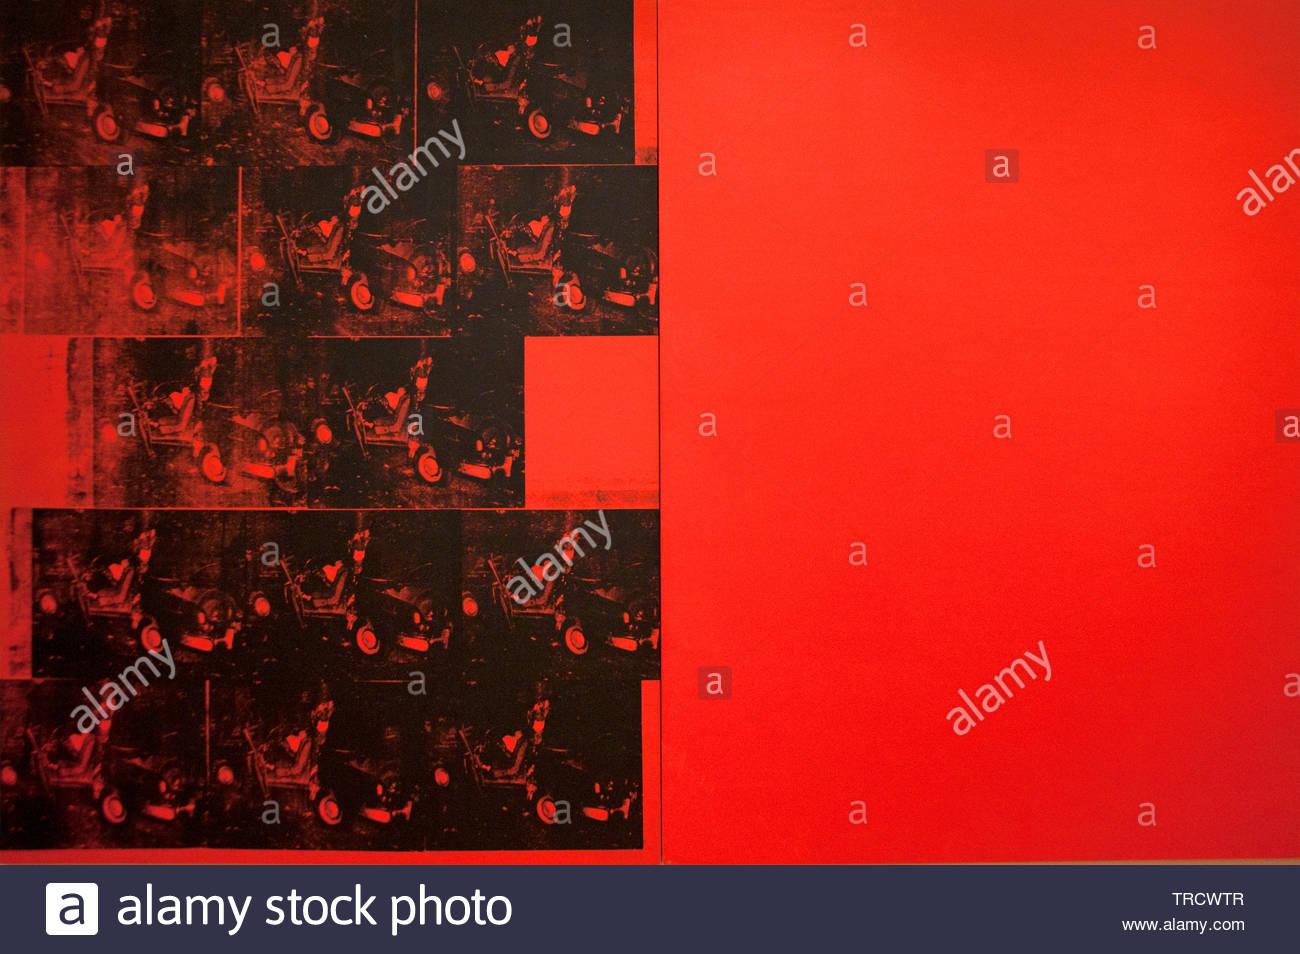 Accidente de coche naranja catorce veces por Andy Warhol 1928 Estados Unidos de América EE.UU ( artista estadounidense, director y productor que era una figura principal en el movimiento del arte visual conocido como pop art. ) Imagen De Stock